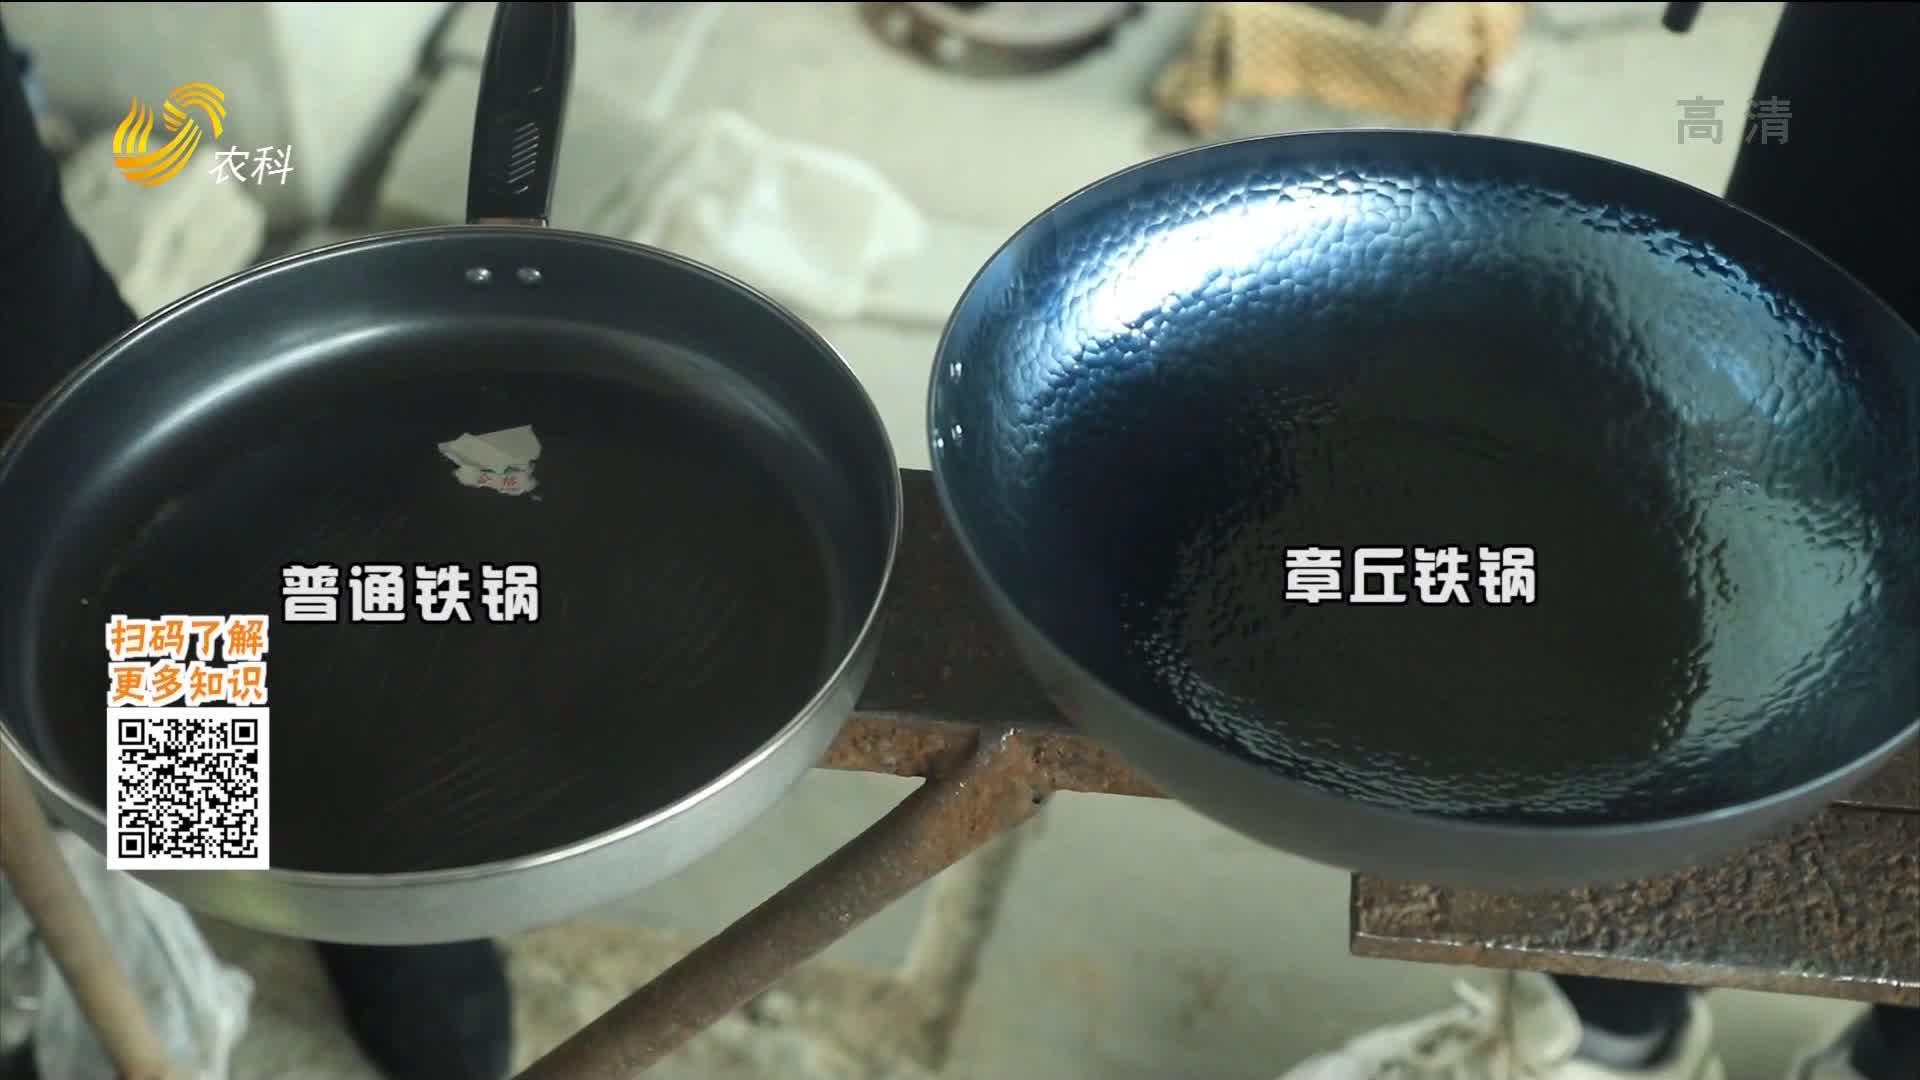 20210204《中国原产递》:章丘铁锅